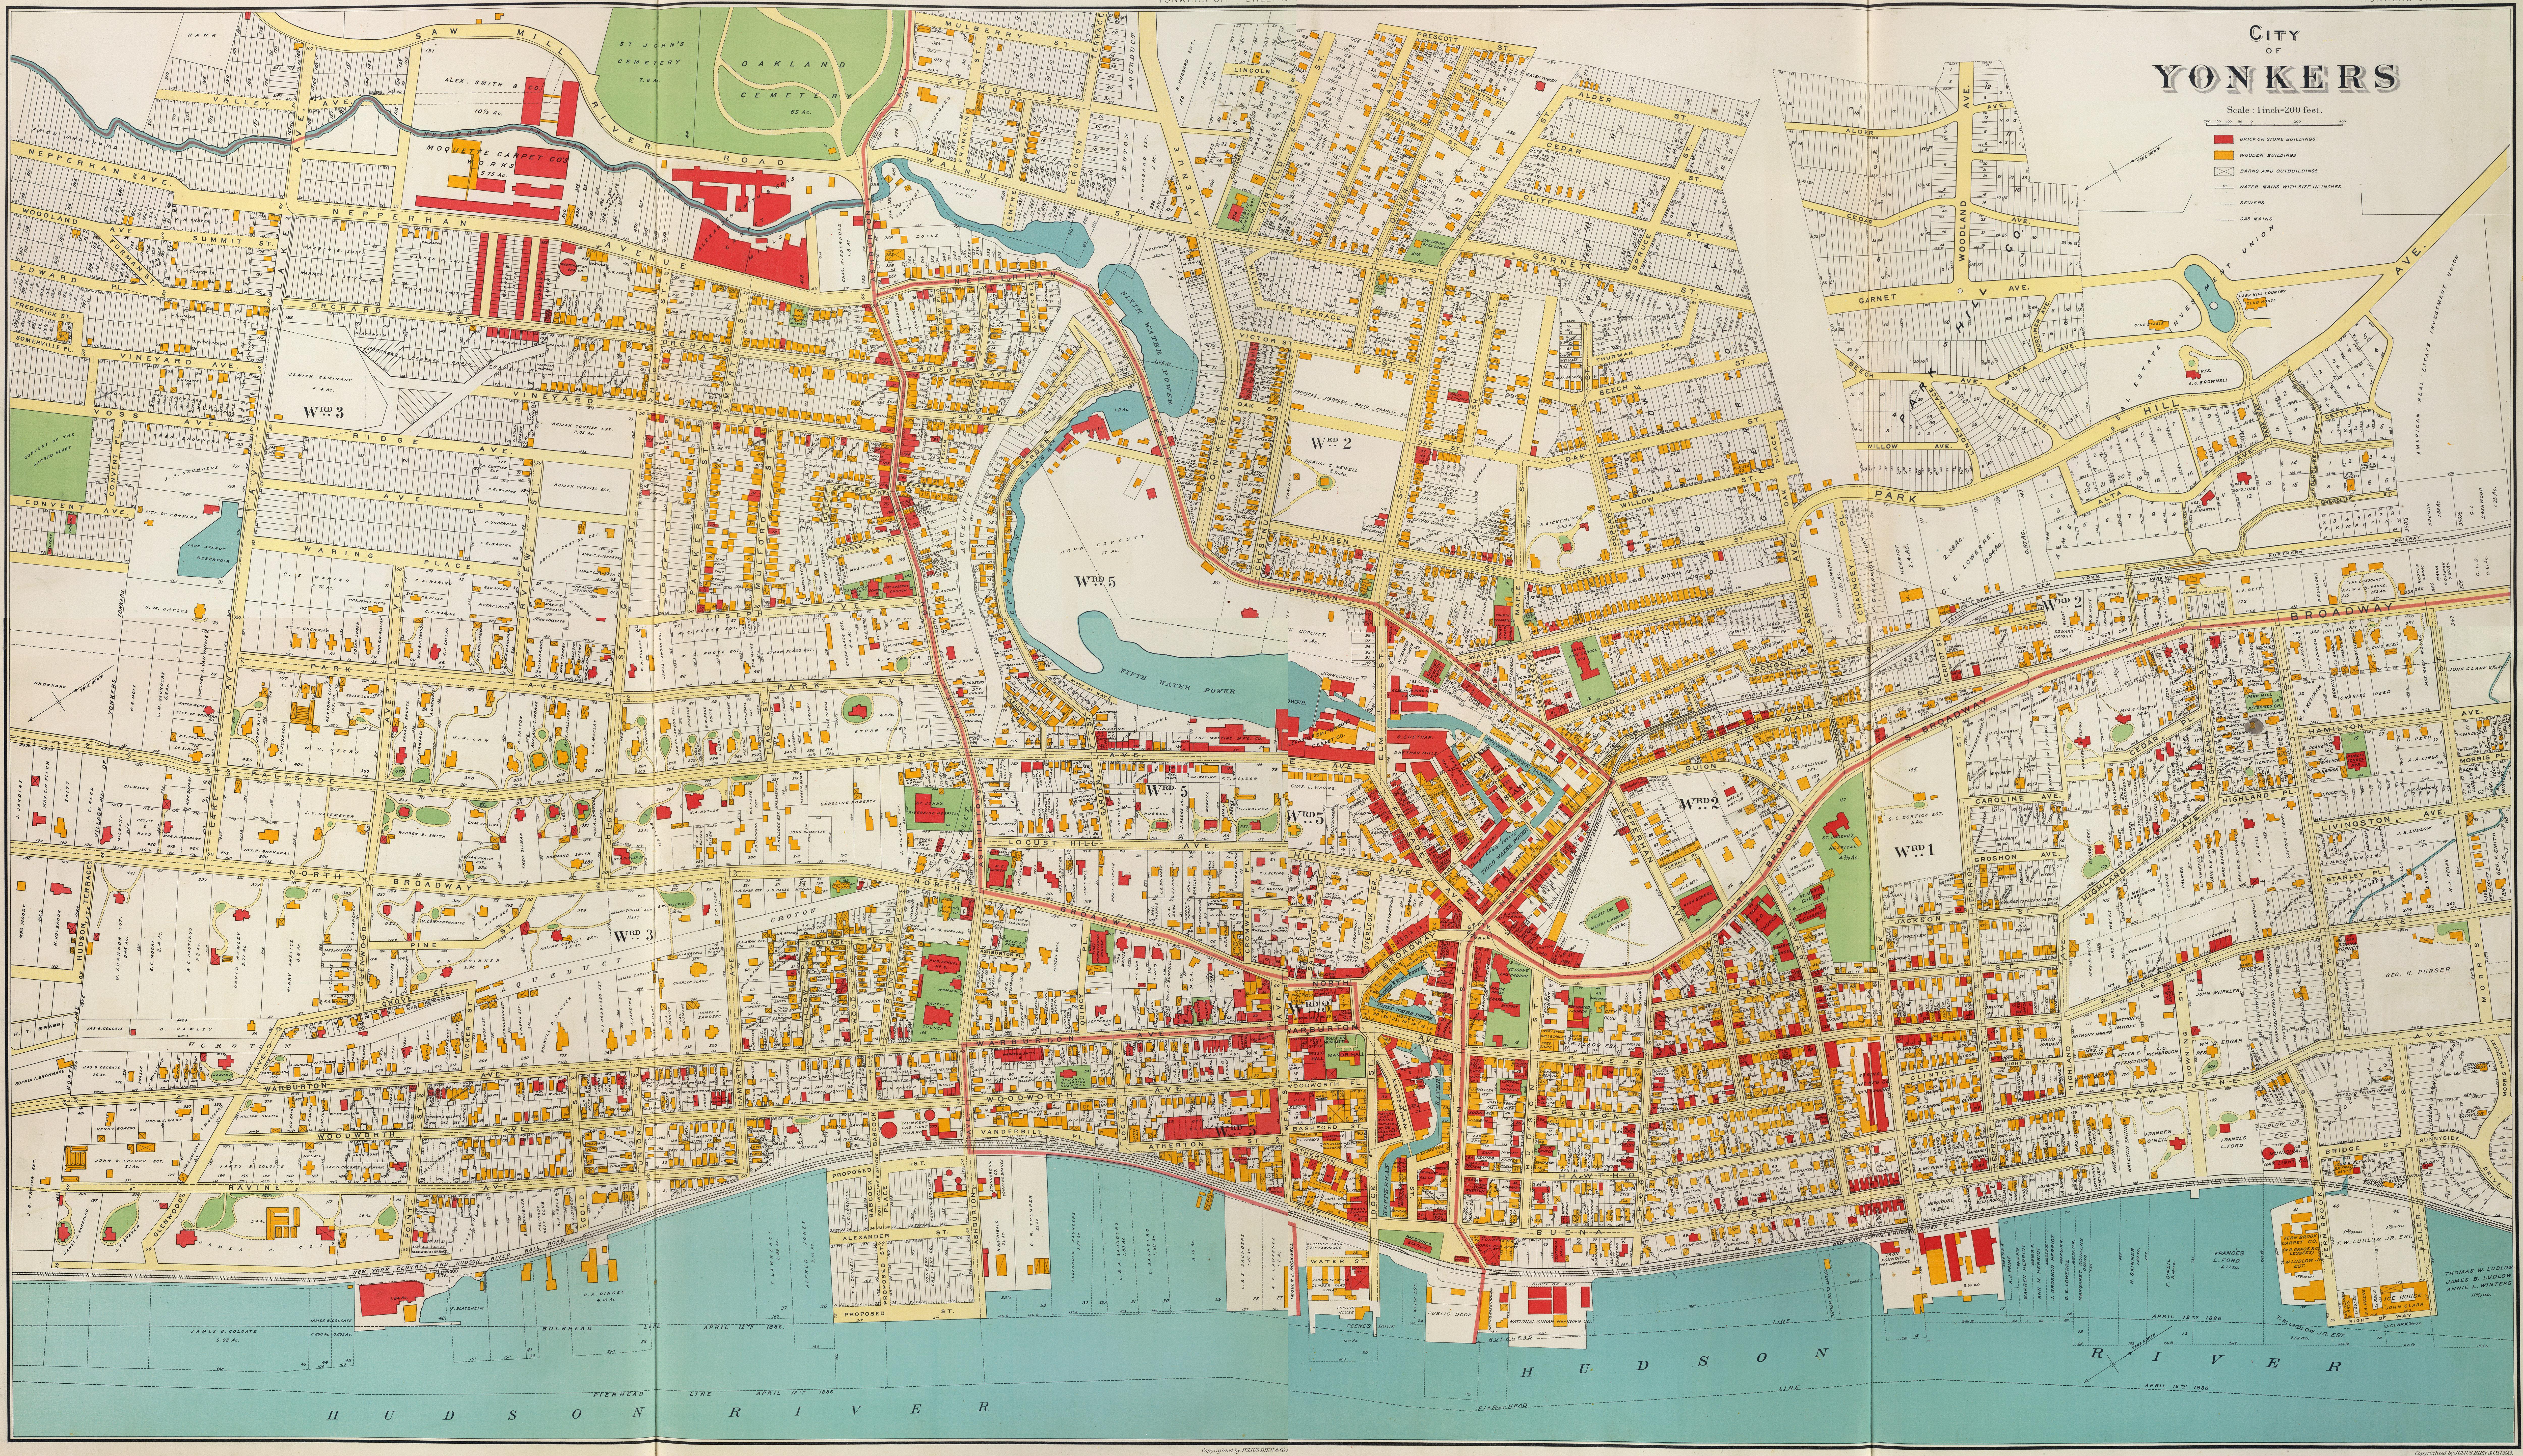 Biens City of Yonkers New York 1893